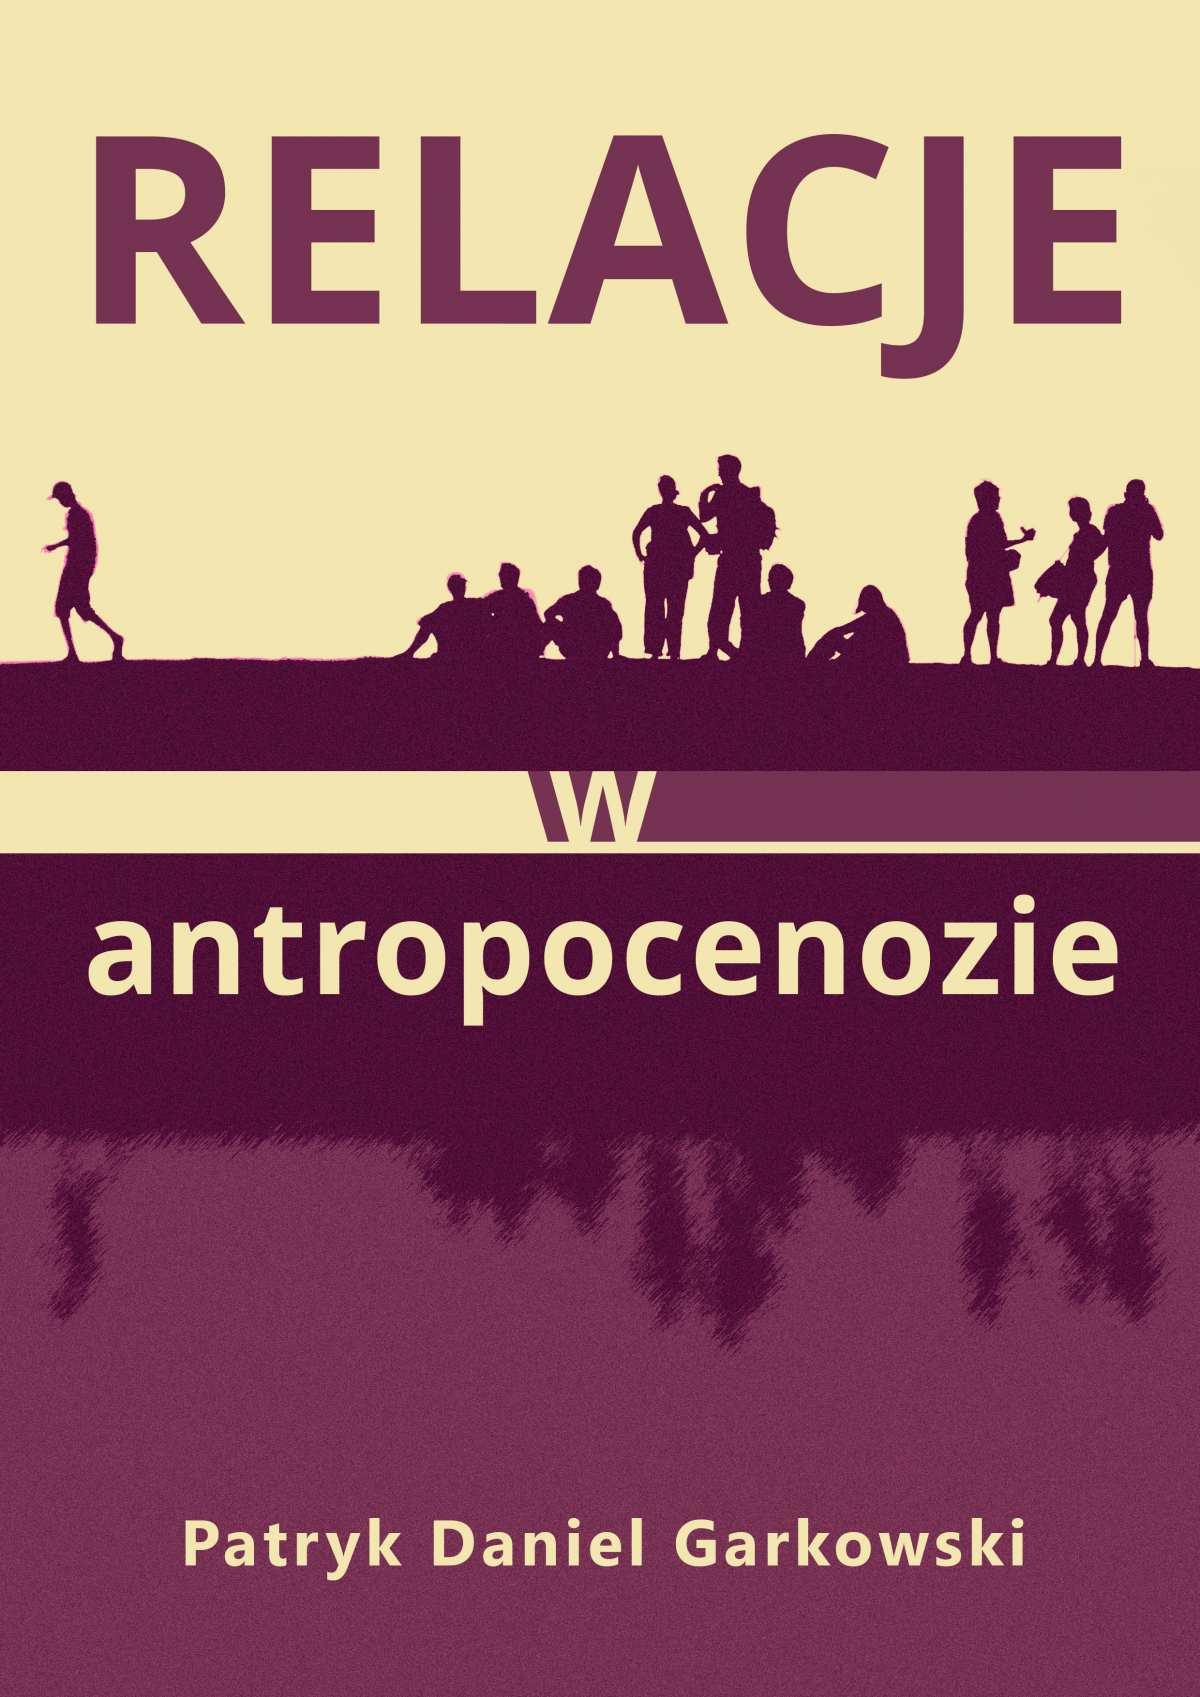 Relacje w antropocenozie - Ebook (Książka na Kindle) do pobrania w formacie MOBI